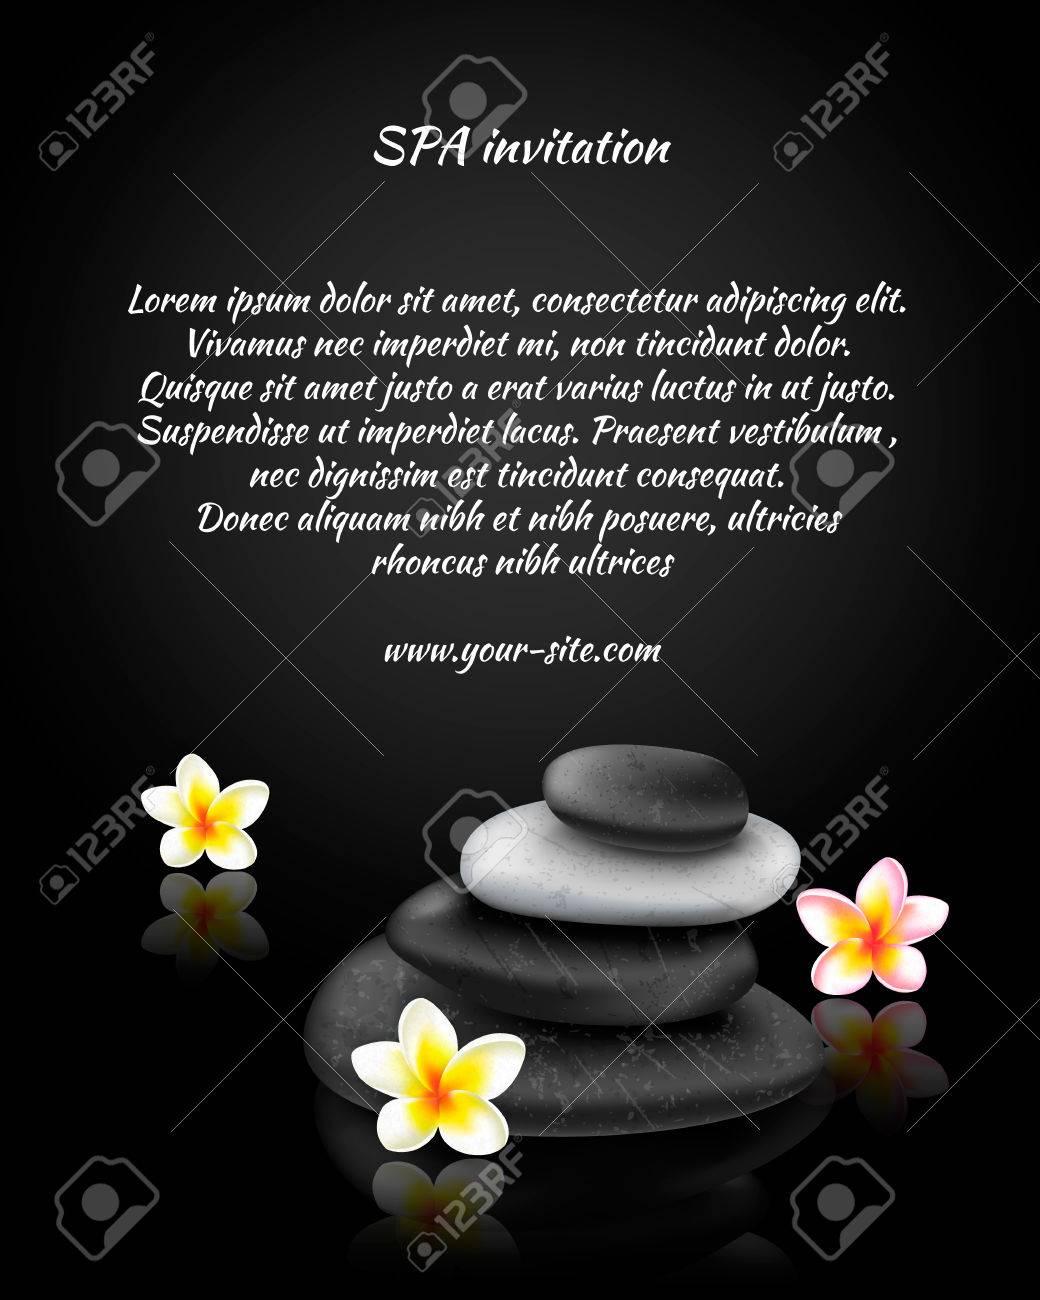 Tarjeta De Invitación De Spa Con Piedras Y Exótica Tropical Ilustración De Flores